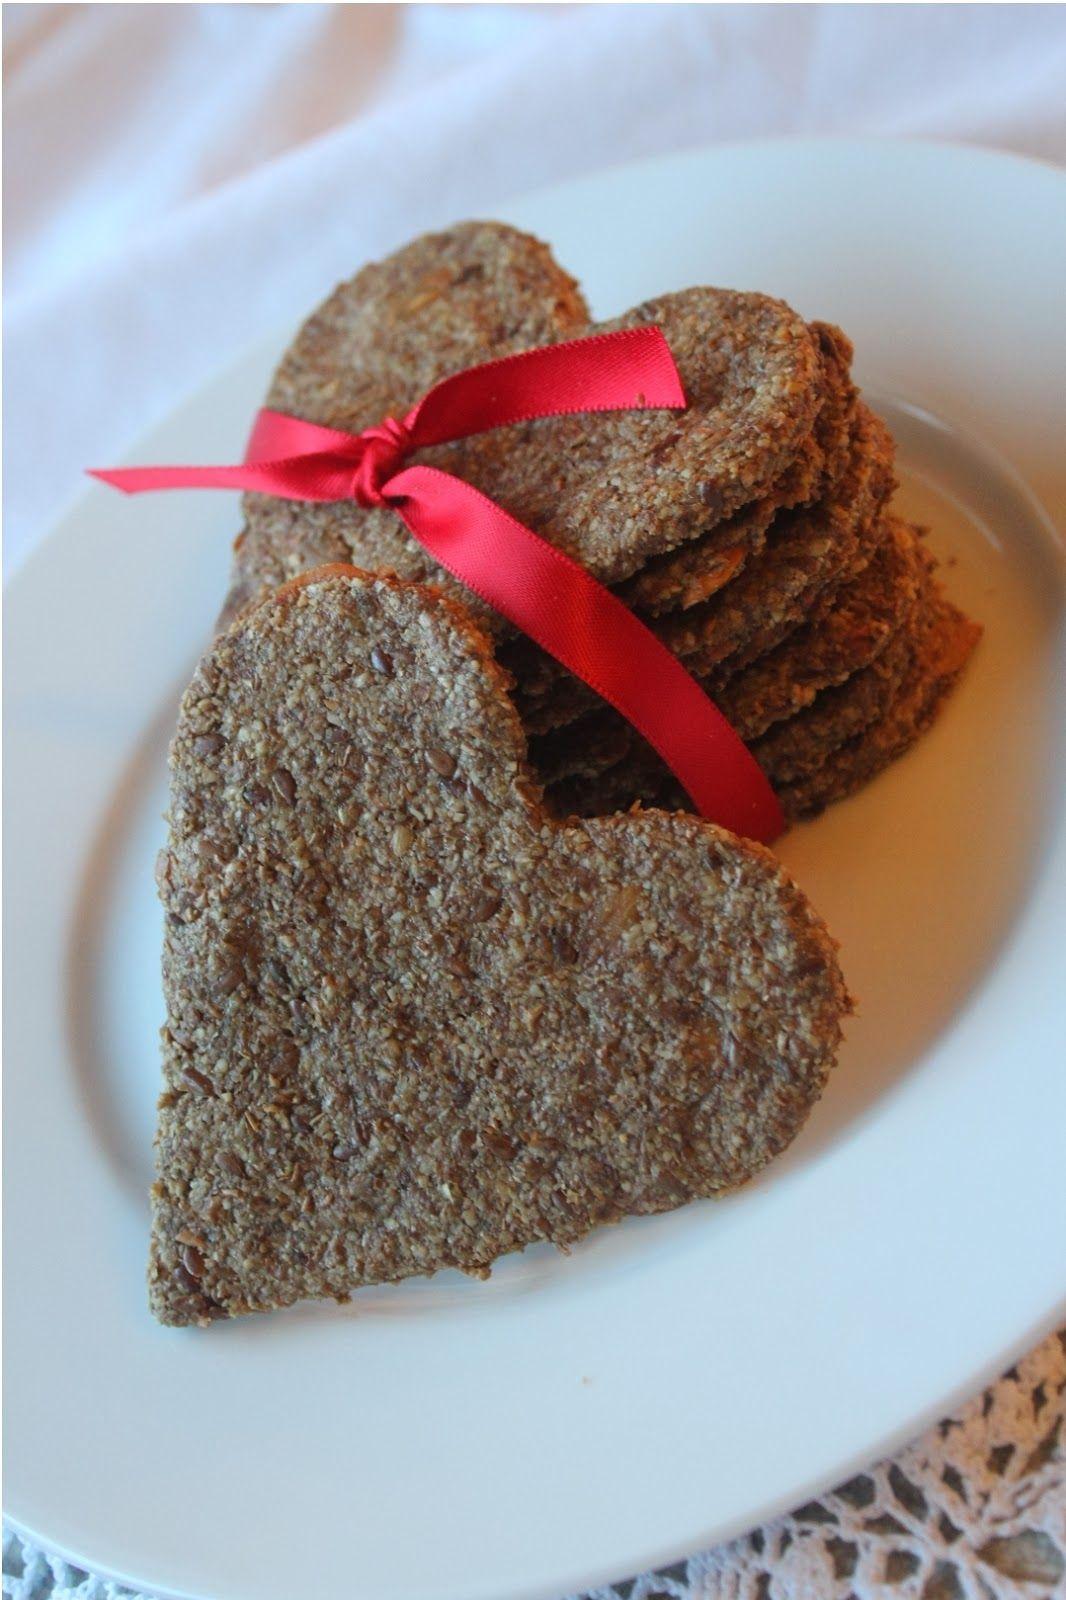 Hjerteformede knekkebrød må da være perfekt til frokost på Valentinsdagen som nå nærmer seg...        Oppskrift   200 g solsikkekjerner - ma...